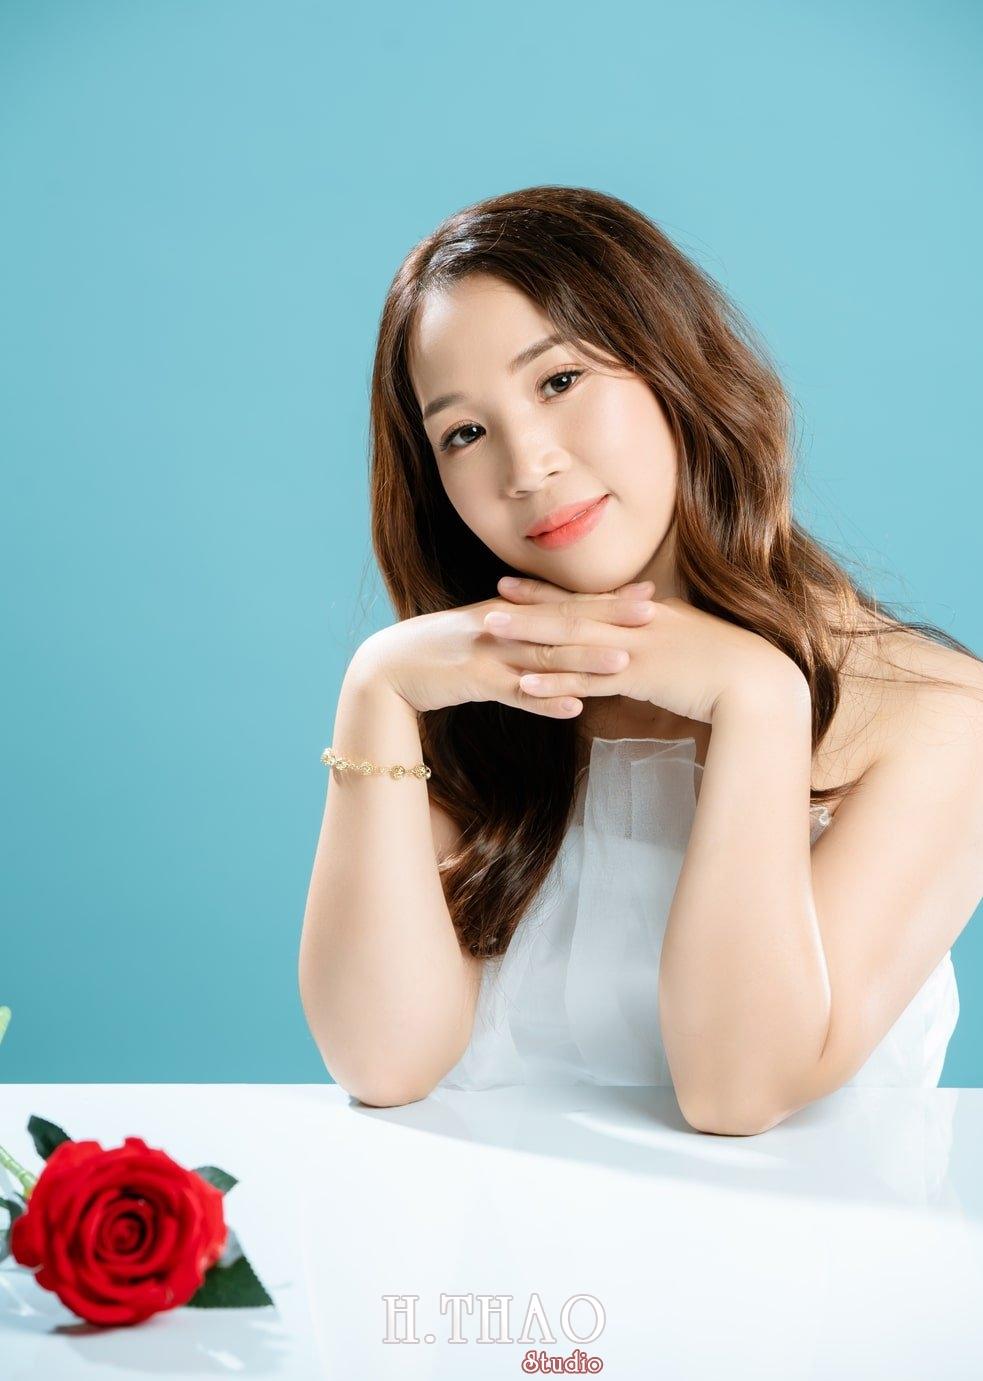 Anh Beauty 18 - Album ảnh beauty bé Sang đẹp nhẹ nhàng - HThao Studio